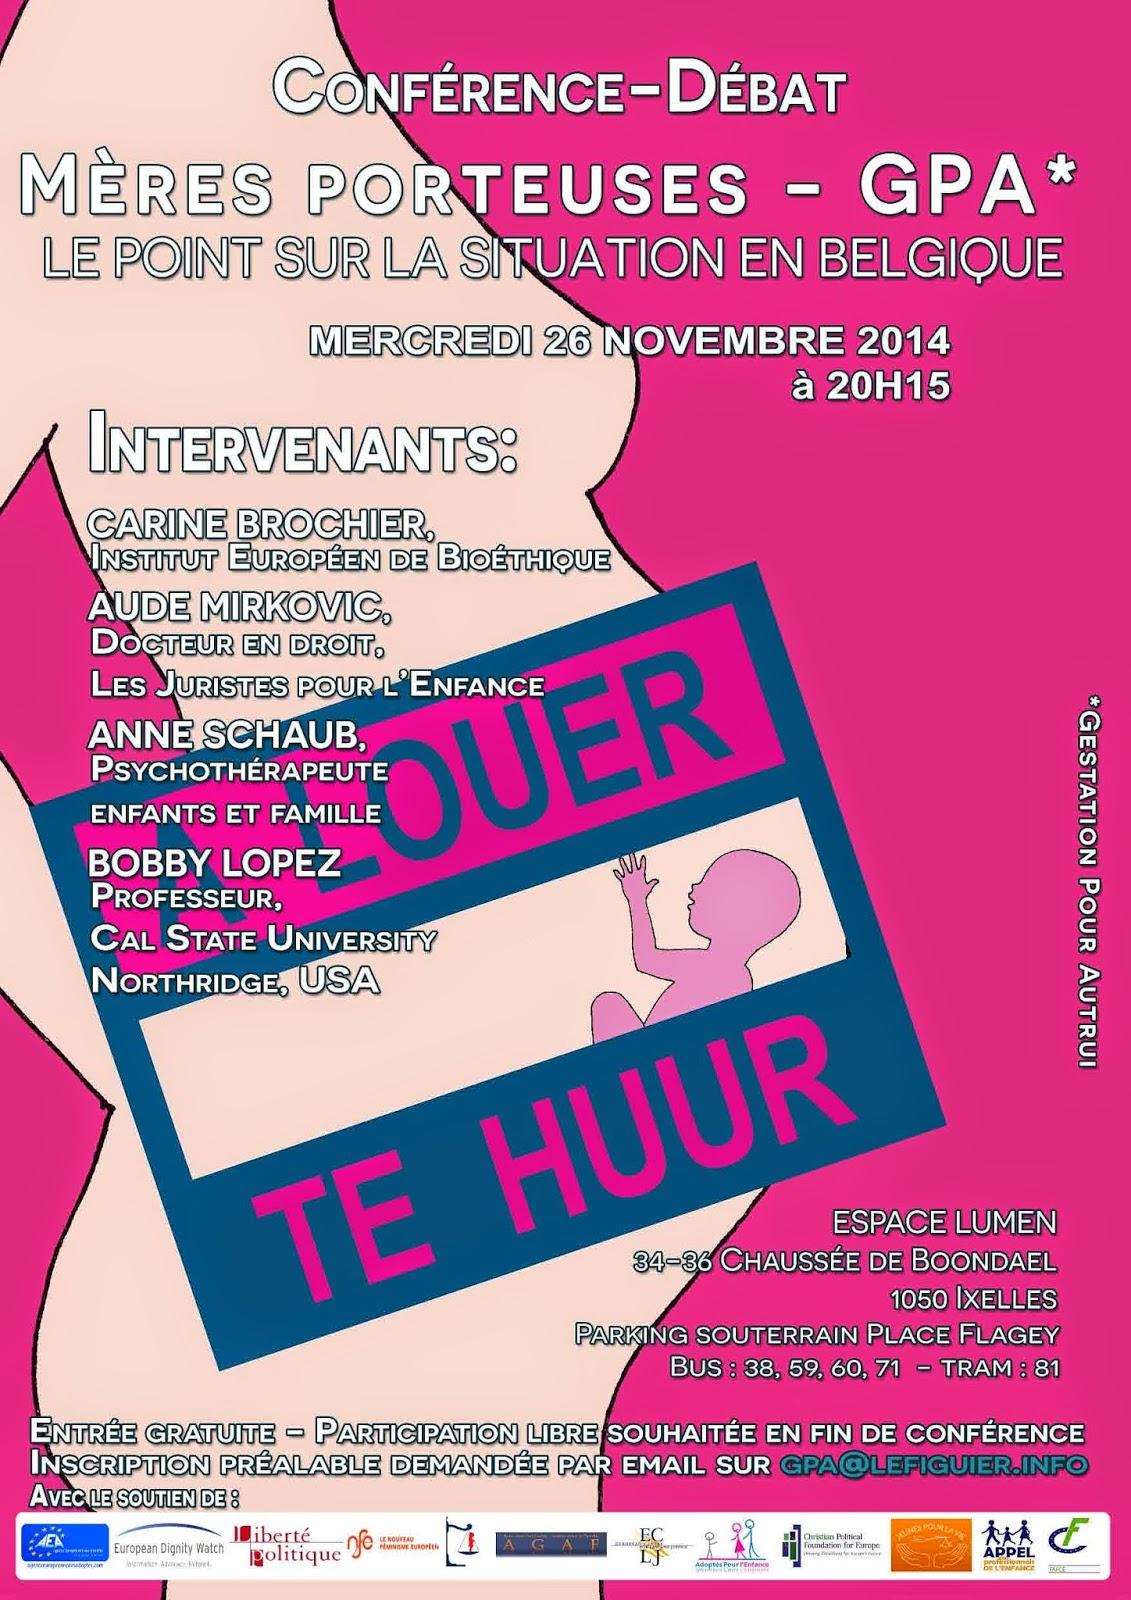 http://www.jeunespourlavie.org/accueil/2611-mere-porteuses-gpa-le-point-sur-la-situation-en-belgique